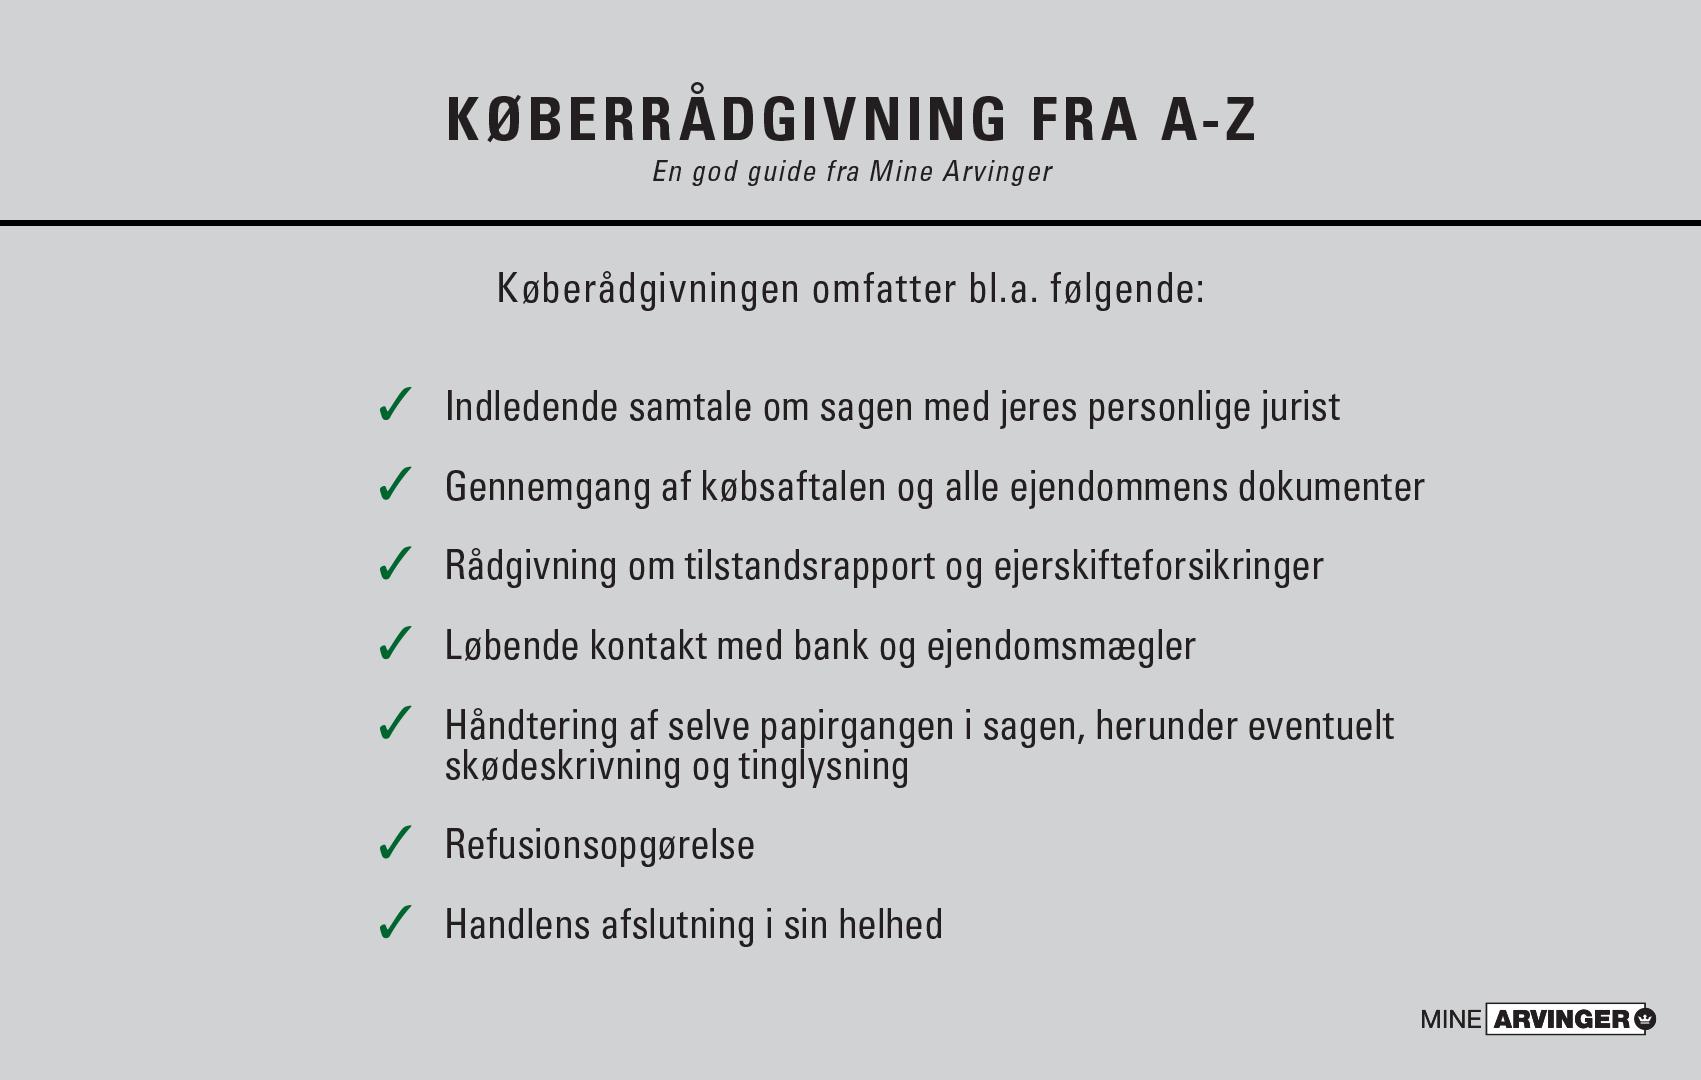 Køberrådgivning ved boligkøb hos Mine Arvinger omfatter bl.a. følgende: